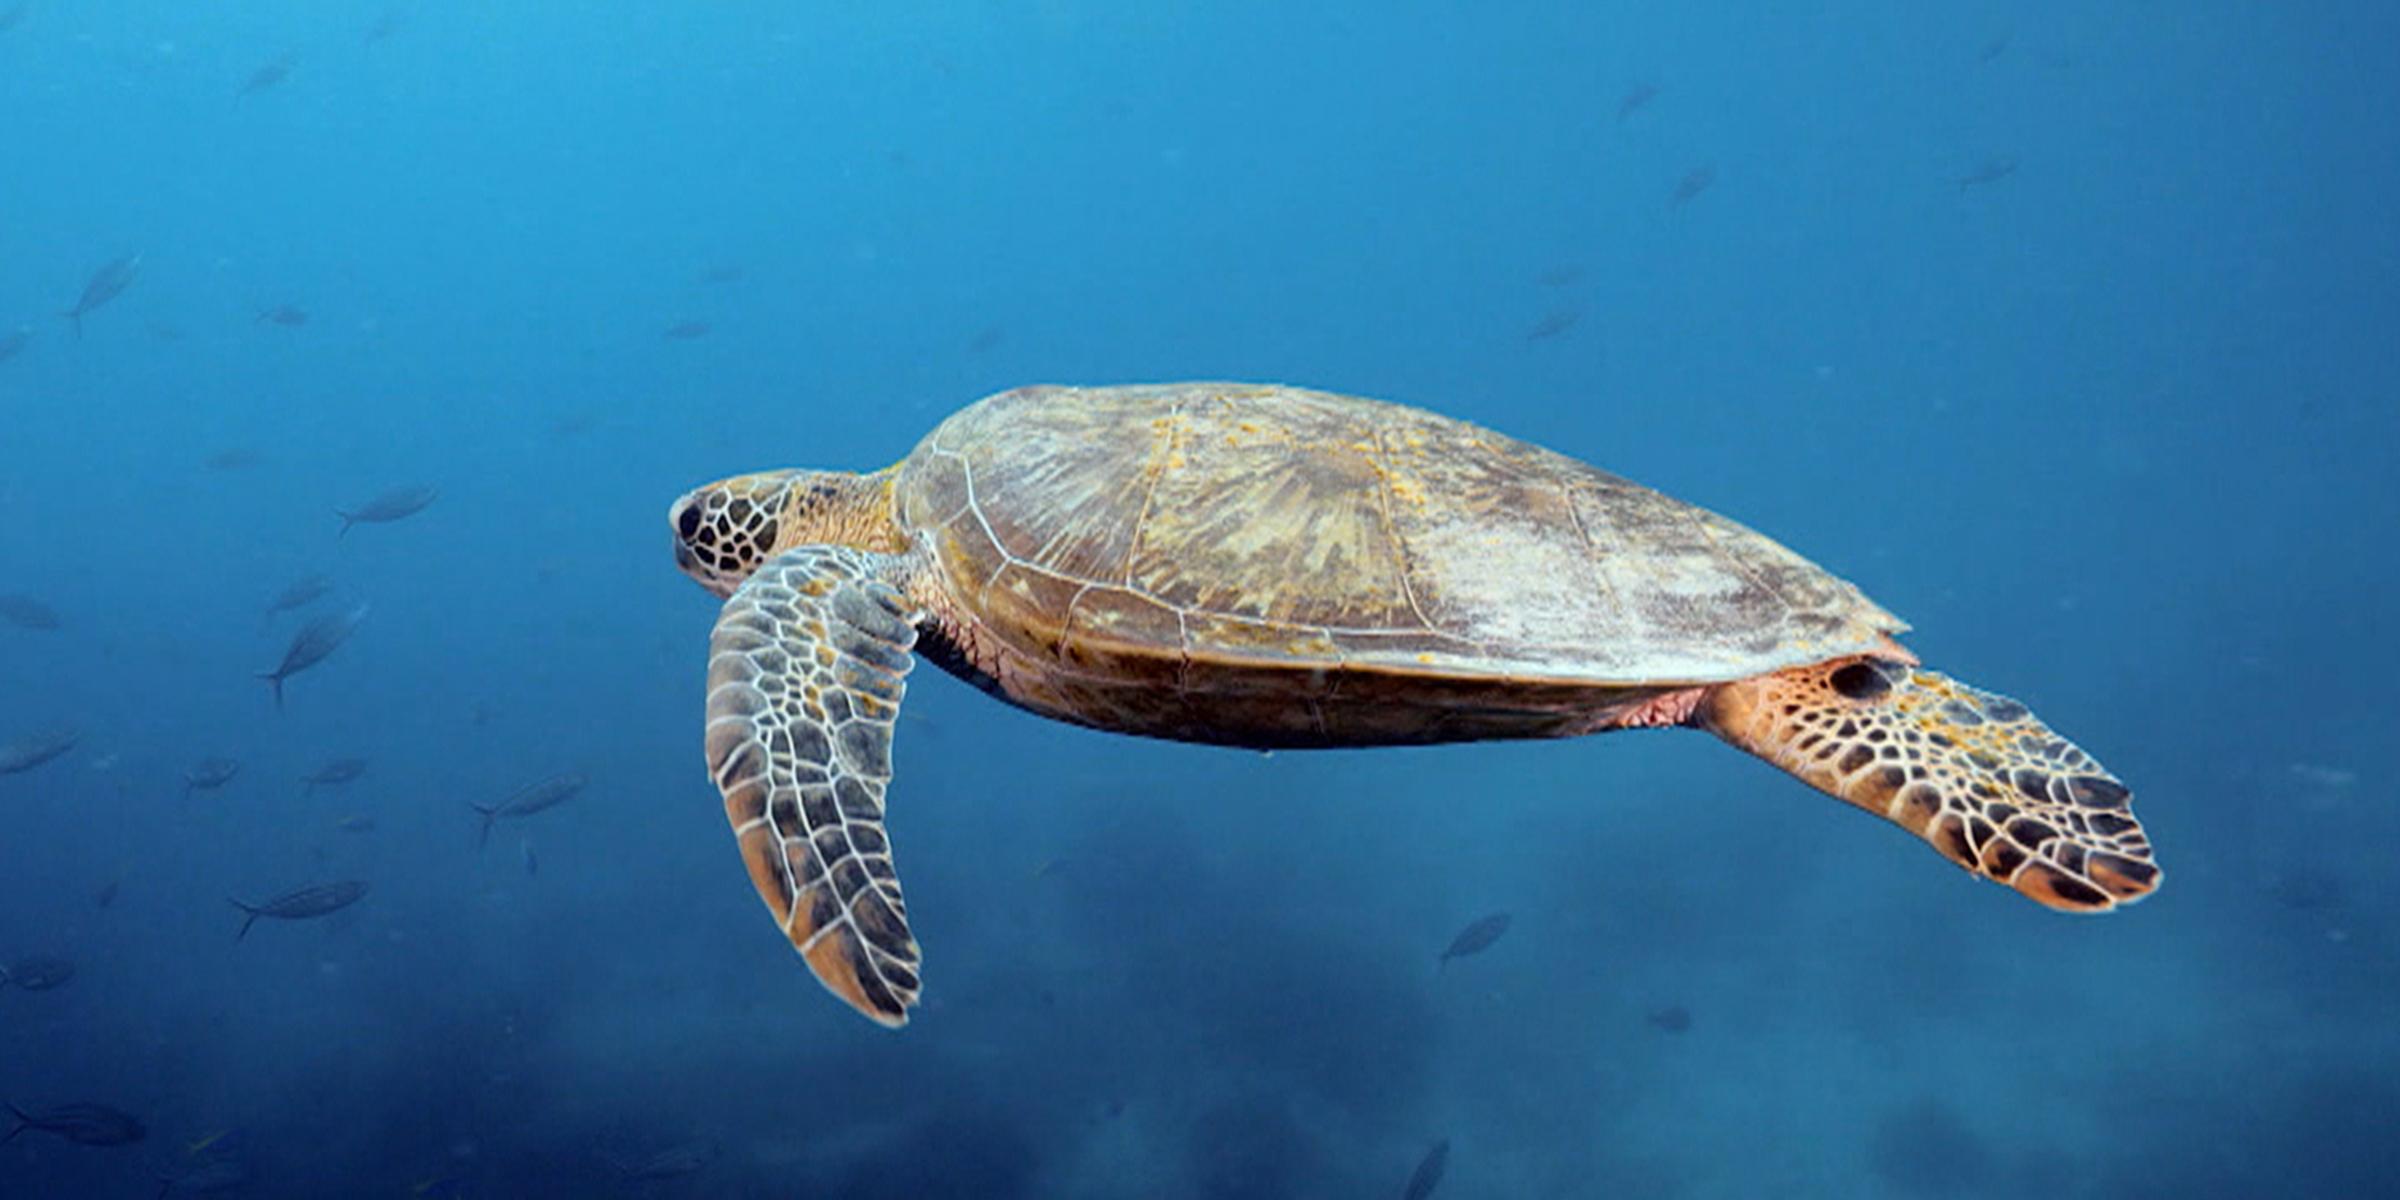 Turtle in the Ocean Weekender Bag